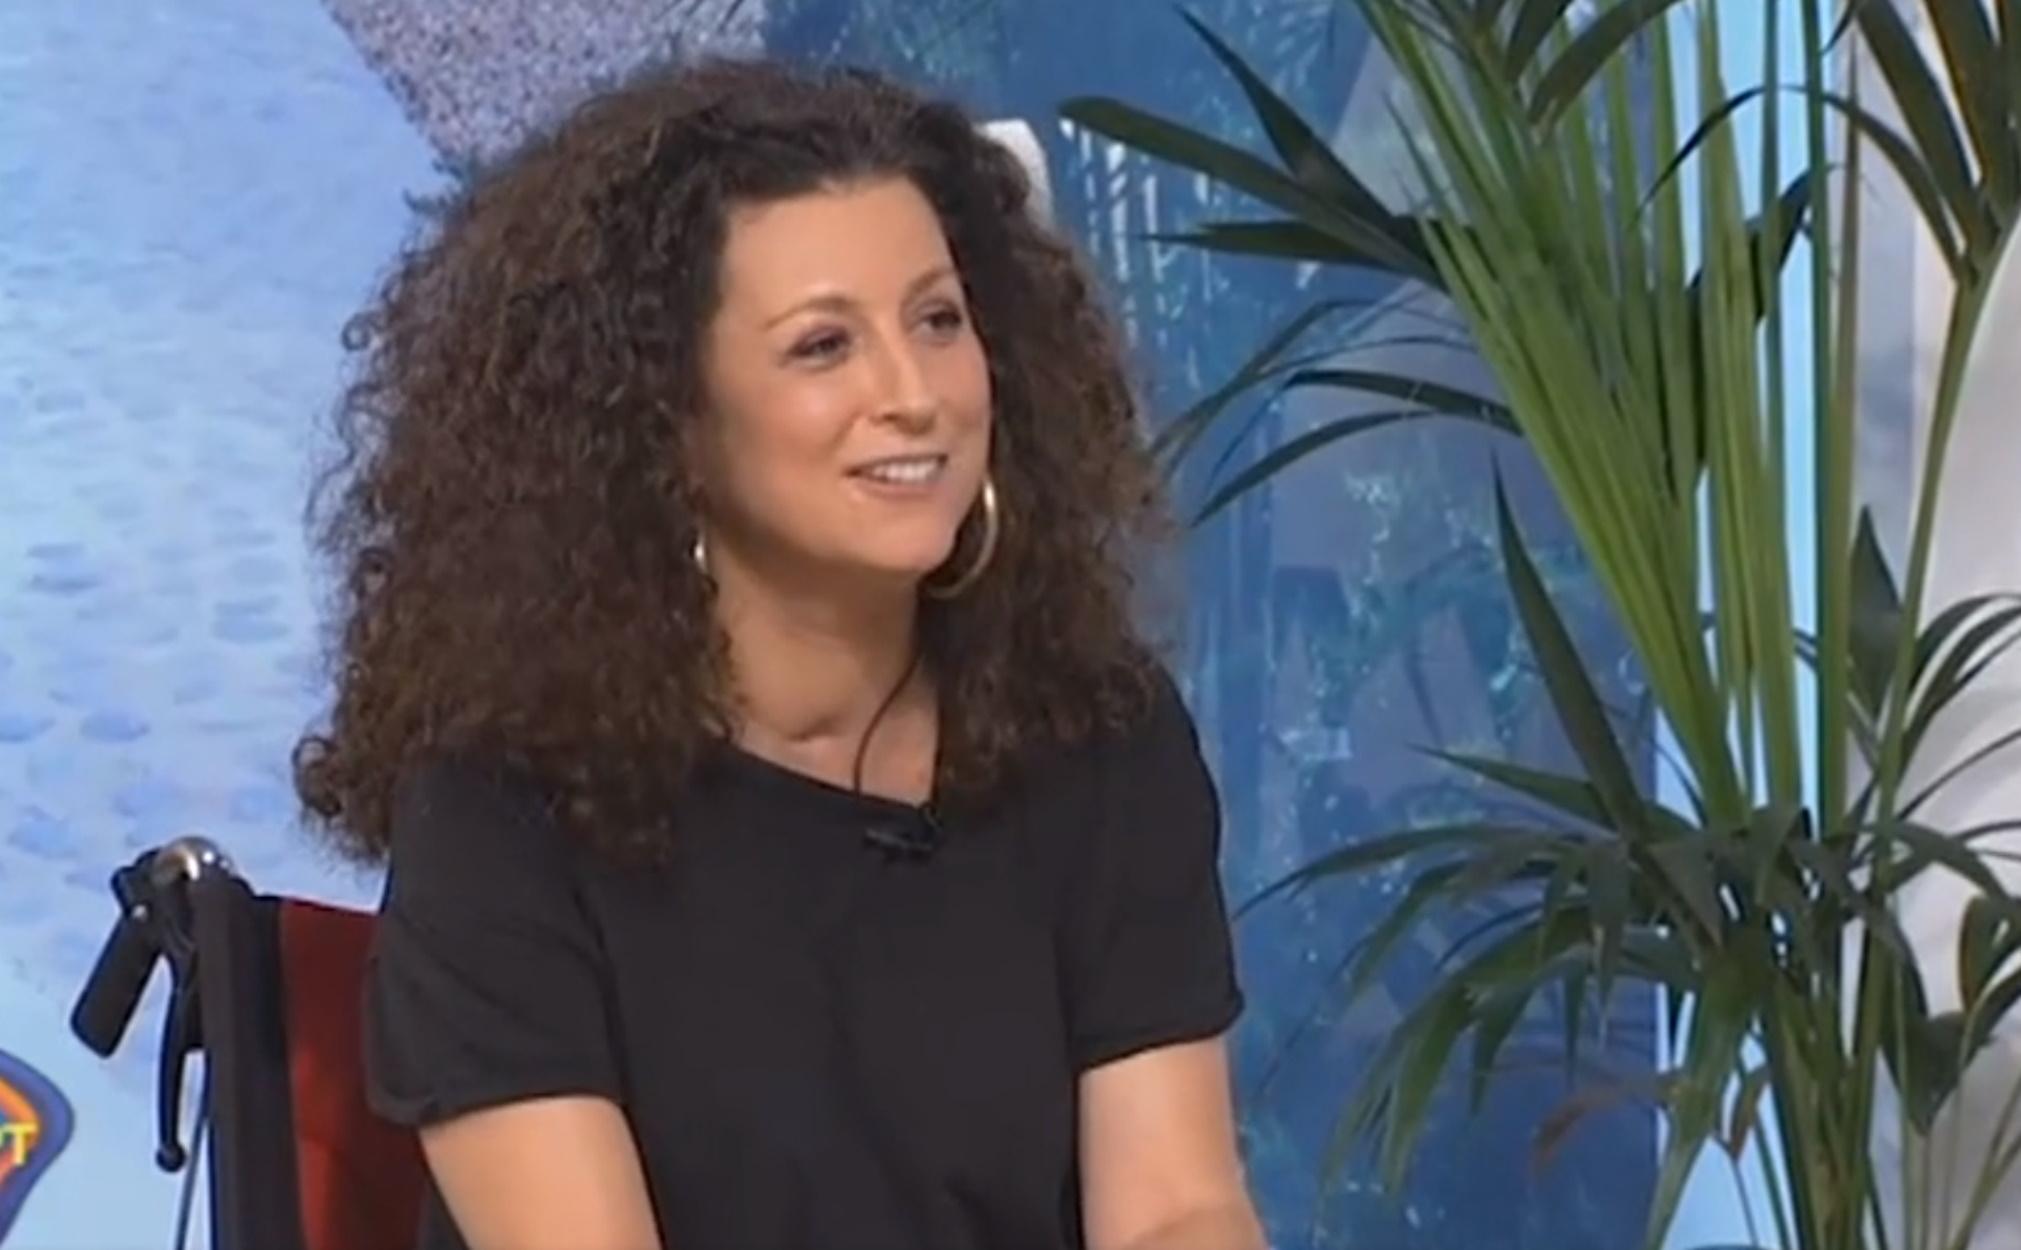 Κατερίνα Βρανά: «Όταν συνήλθα πια από το κώμα, ήμουν παράλυτη από τον λαιμό και κάτω»